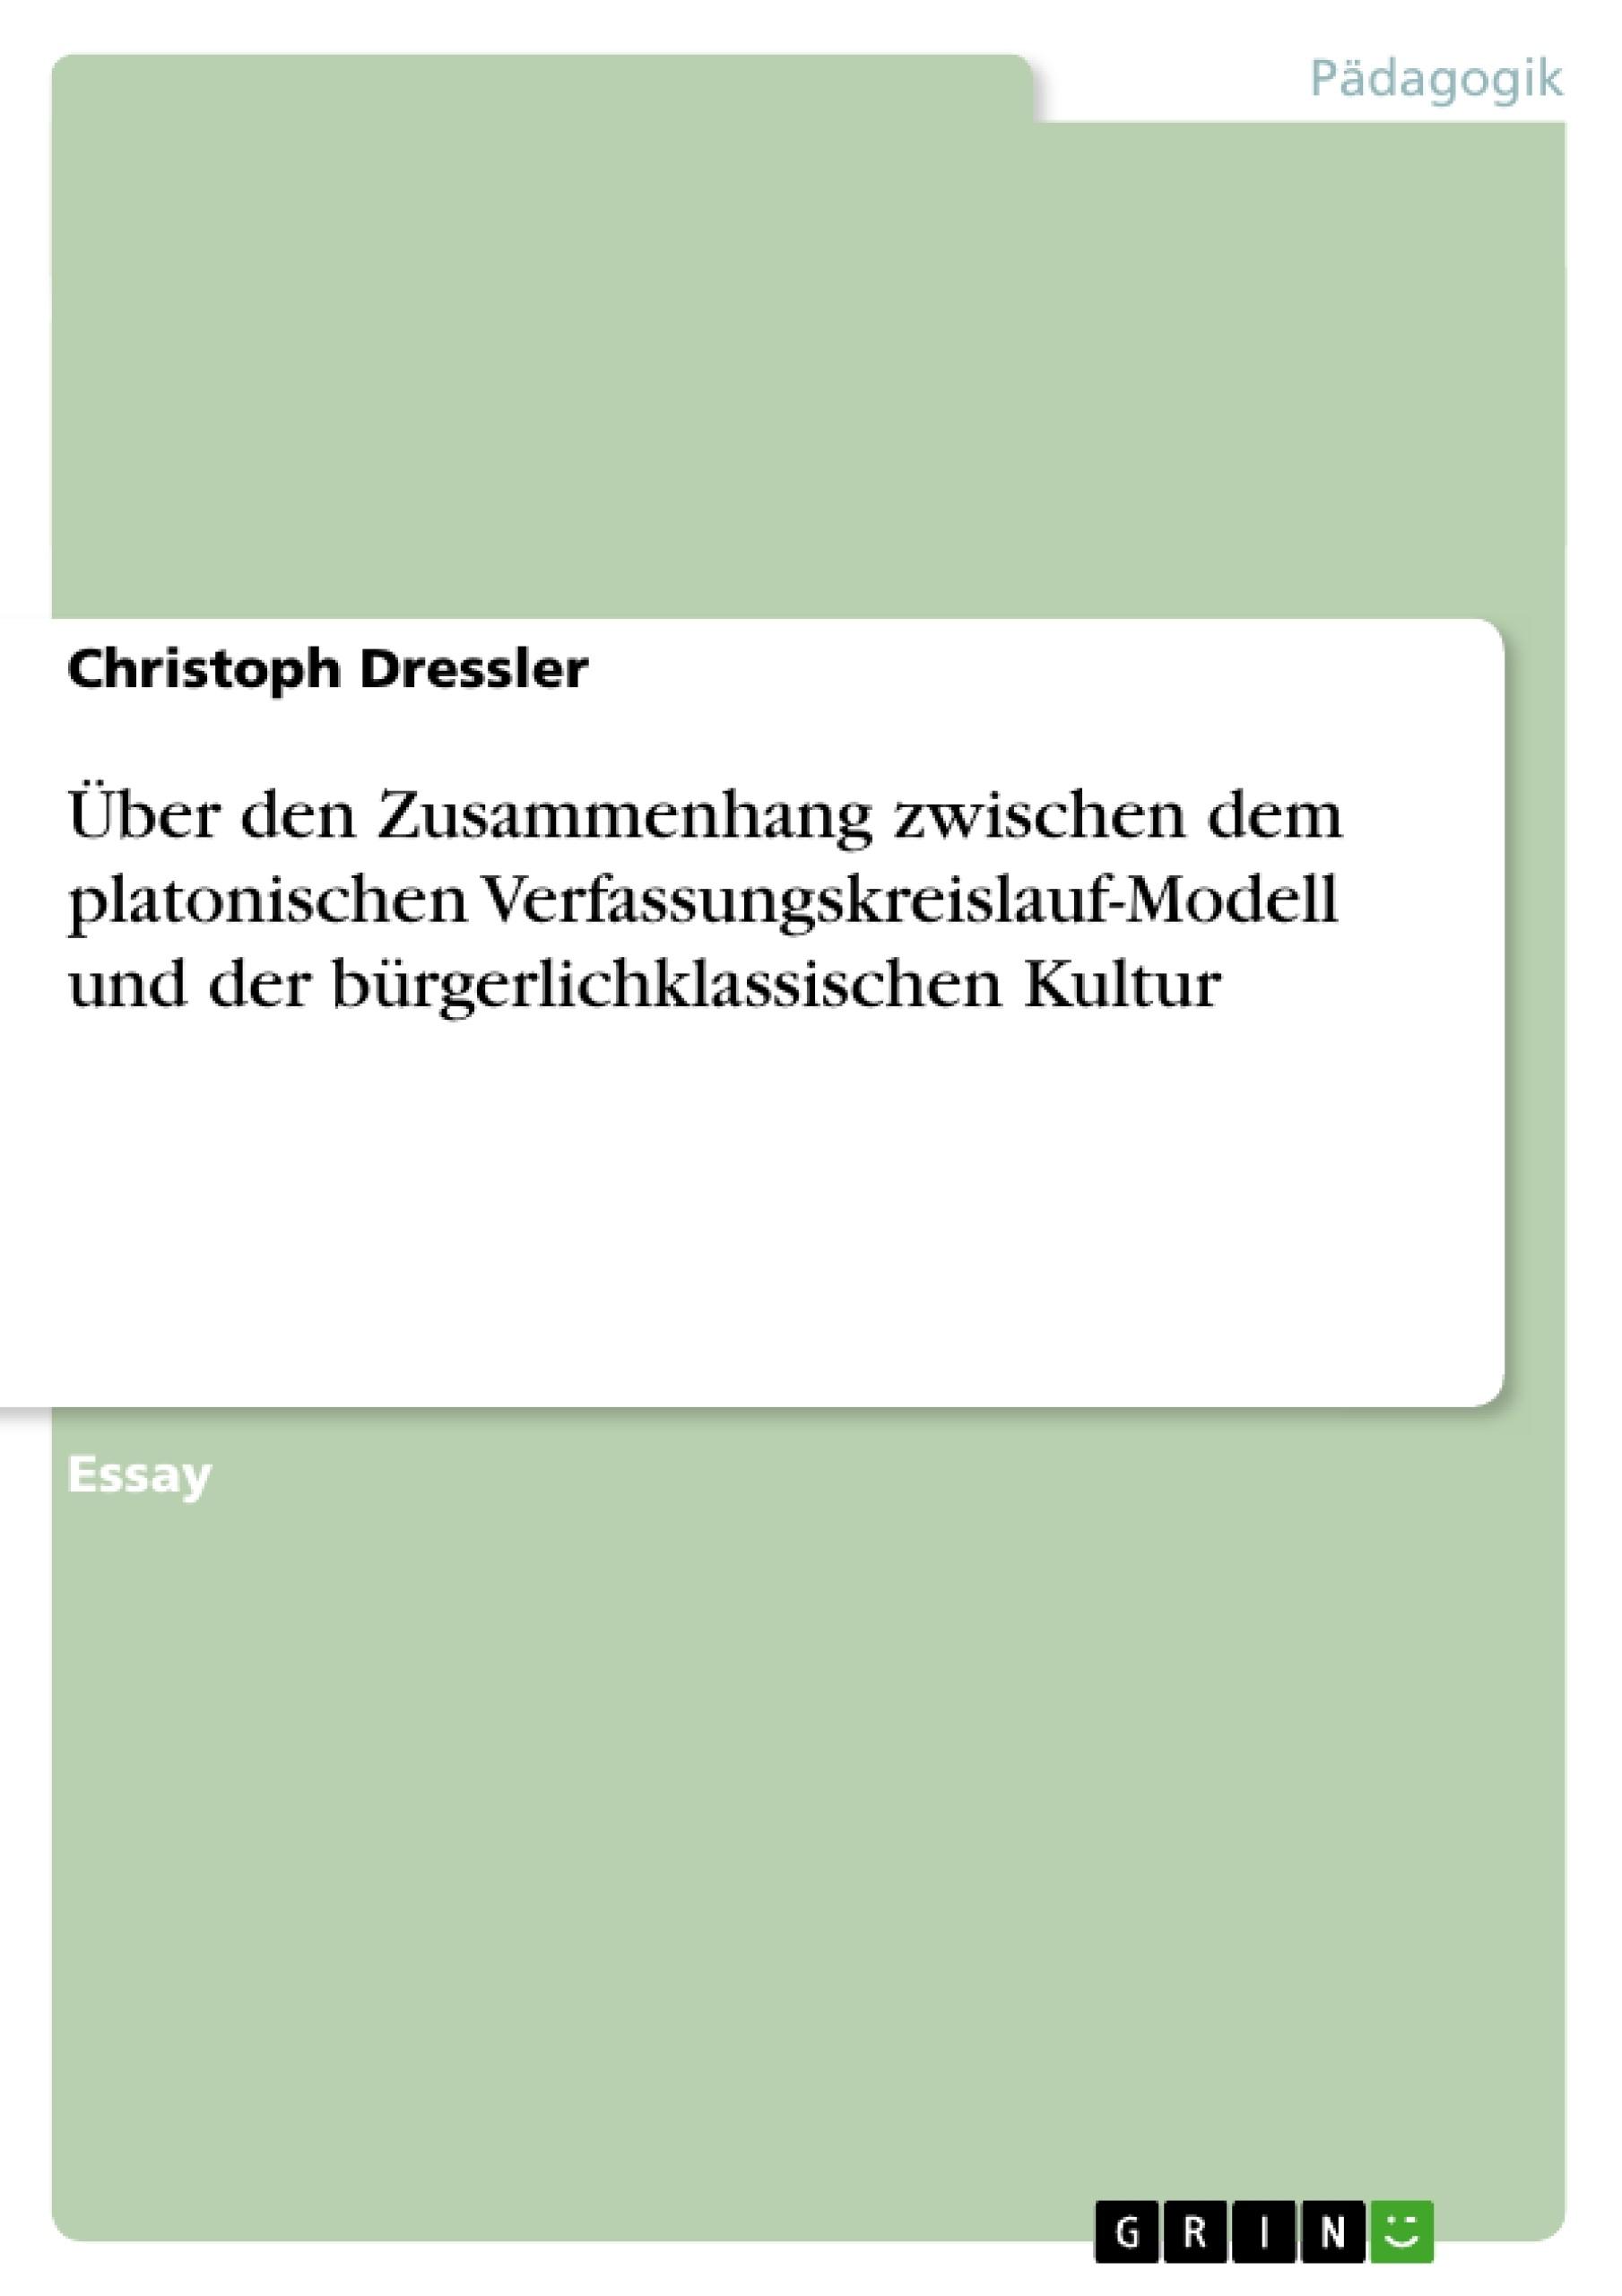 Titel: Über den Zusammenhang zwischen dem platonischen Verfassungskreislauf-Modell und der bürgerlichklassischen Kultur